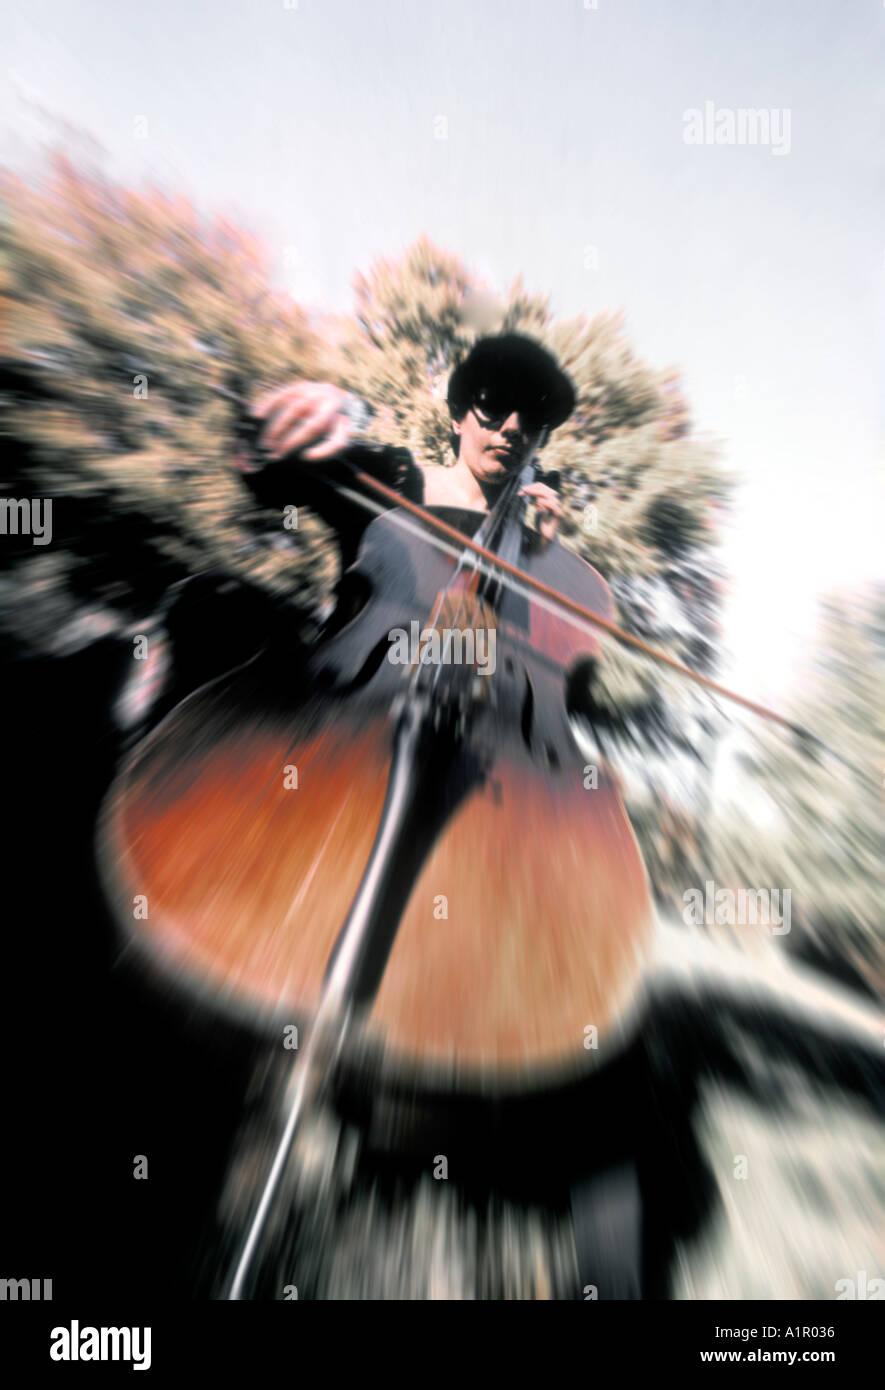 Musik-Frau spielt Cello Stockbild